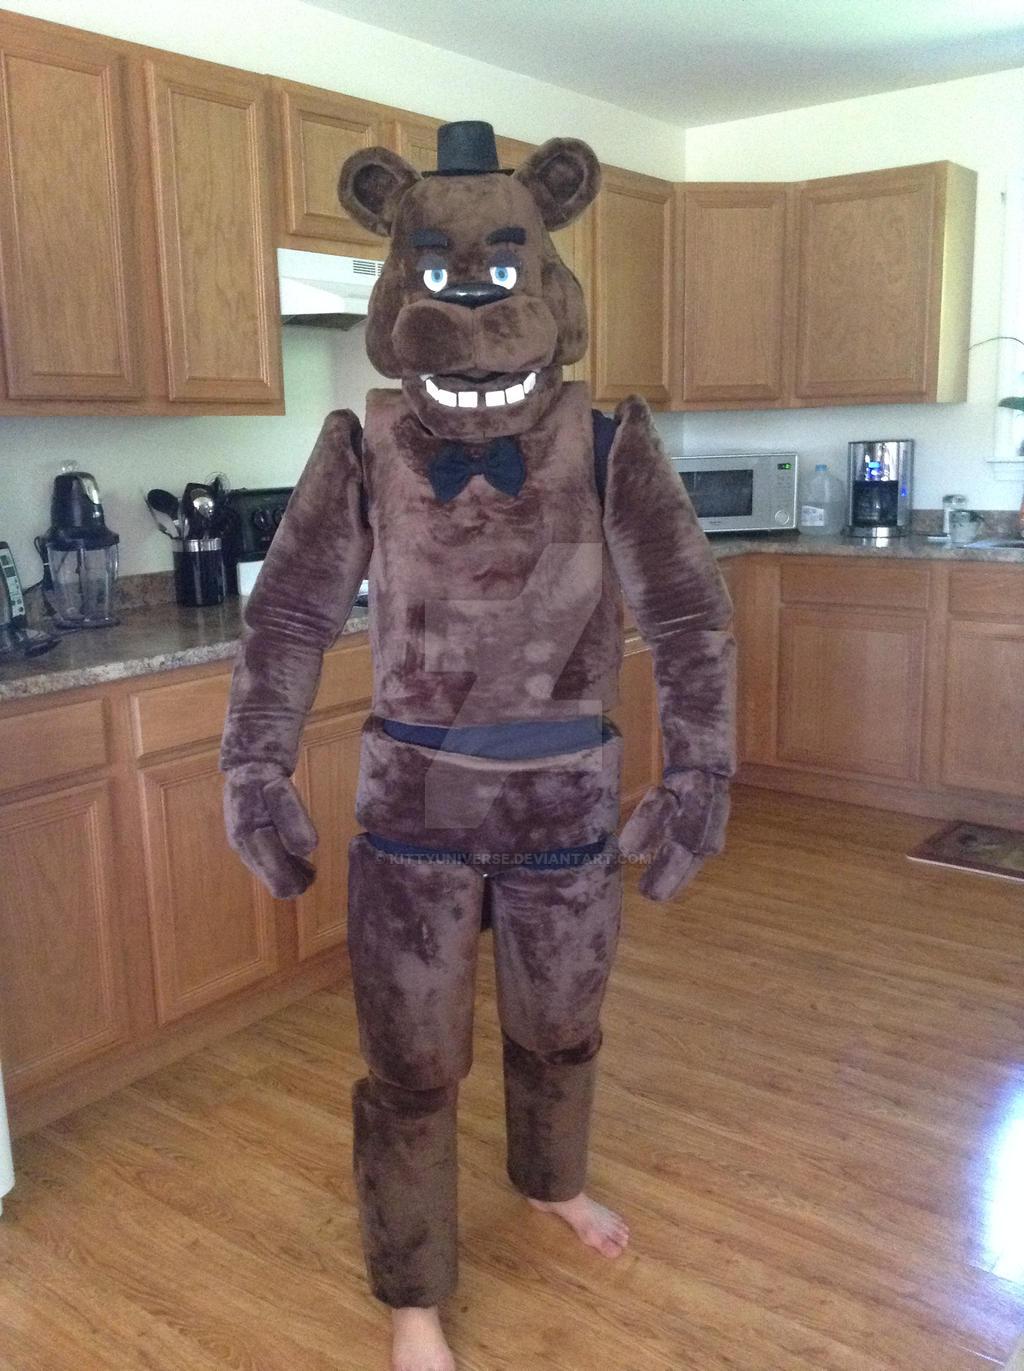 Fnaf bonnie costume for sale - Fnafcosplay Explore Fnafcosplay On Deviantart